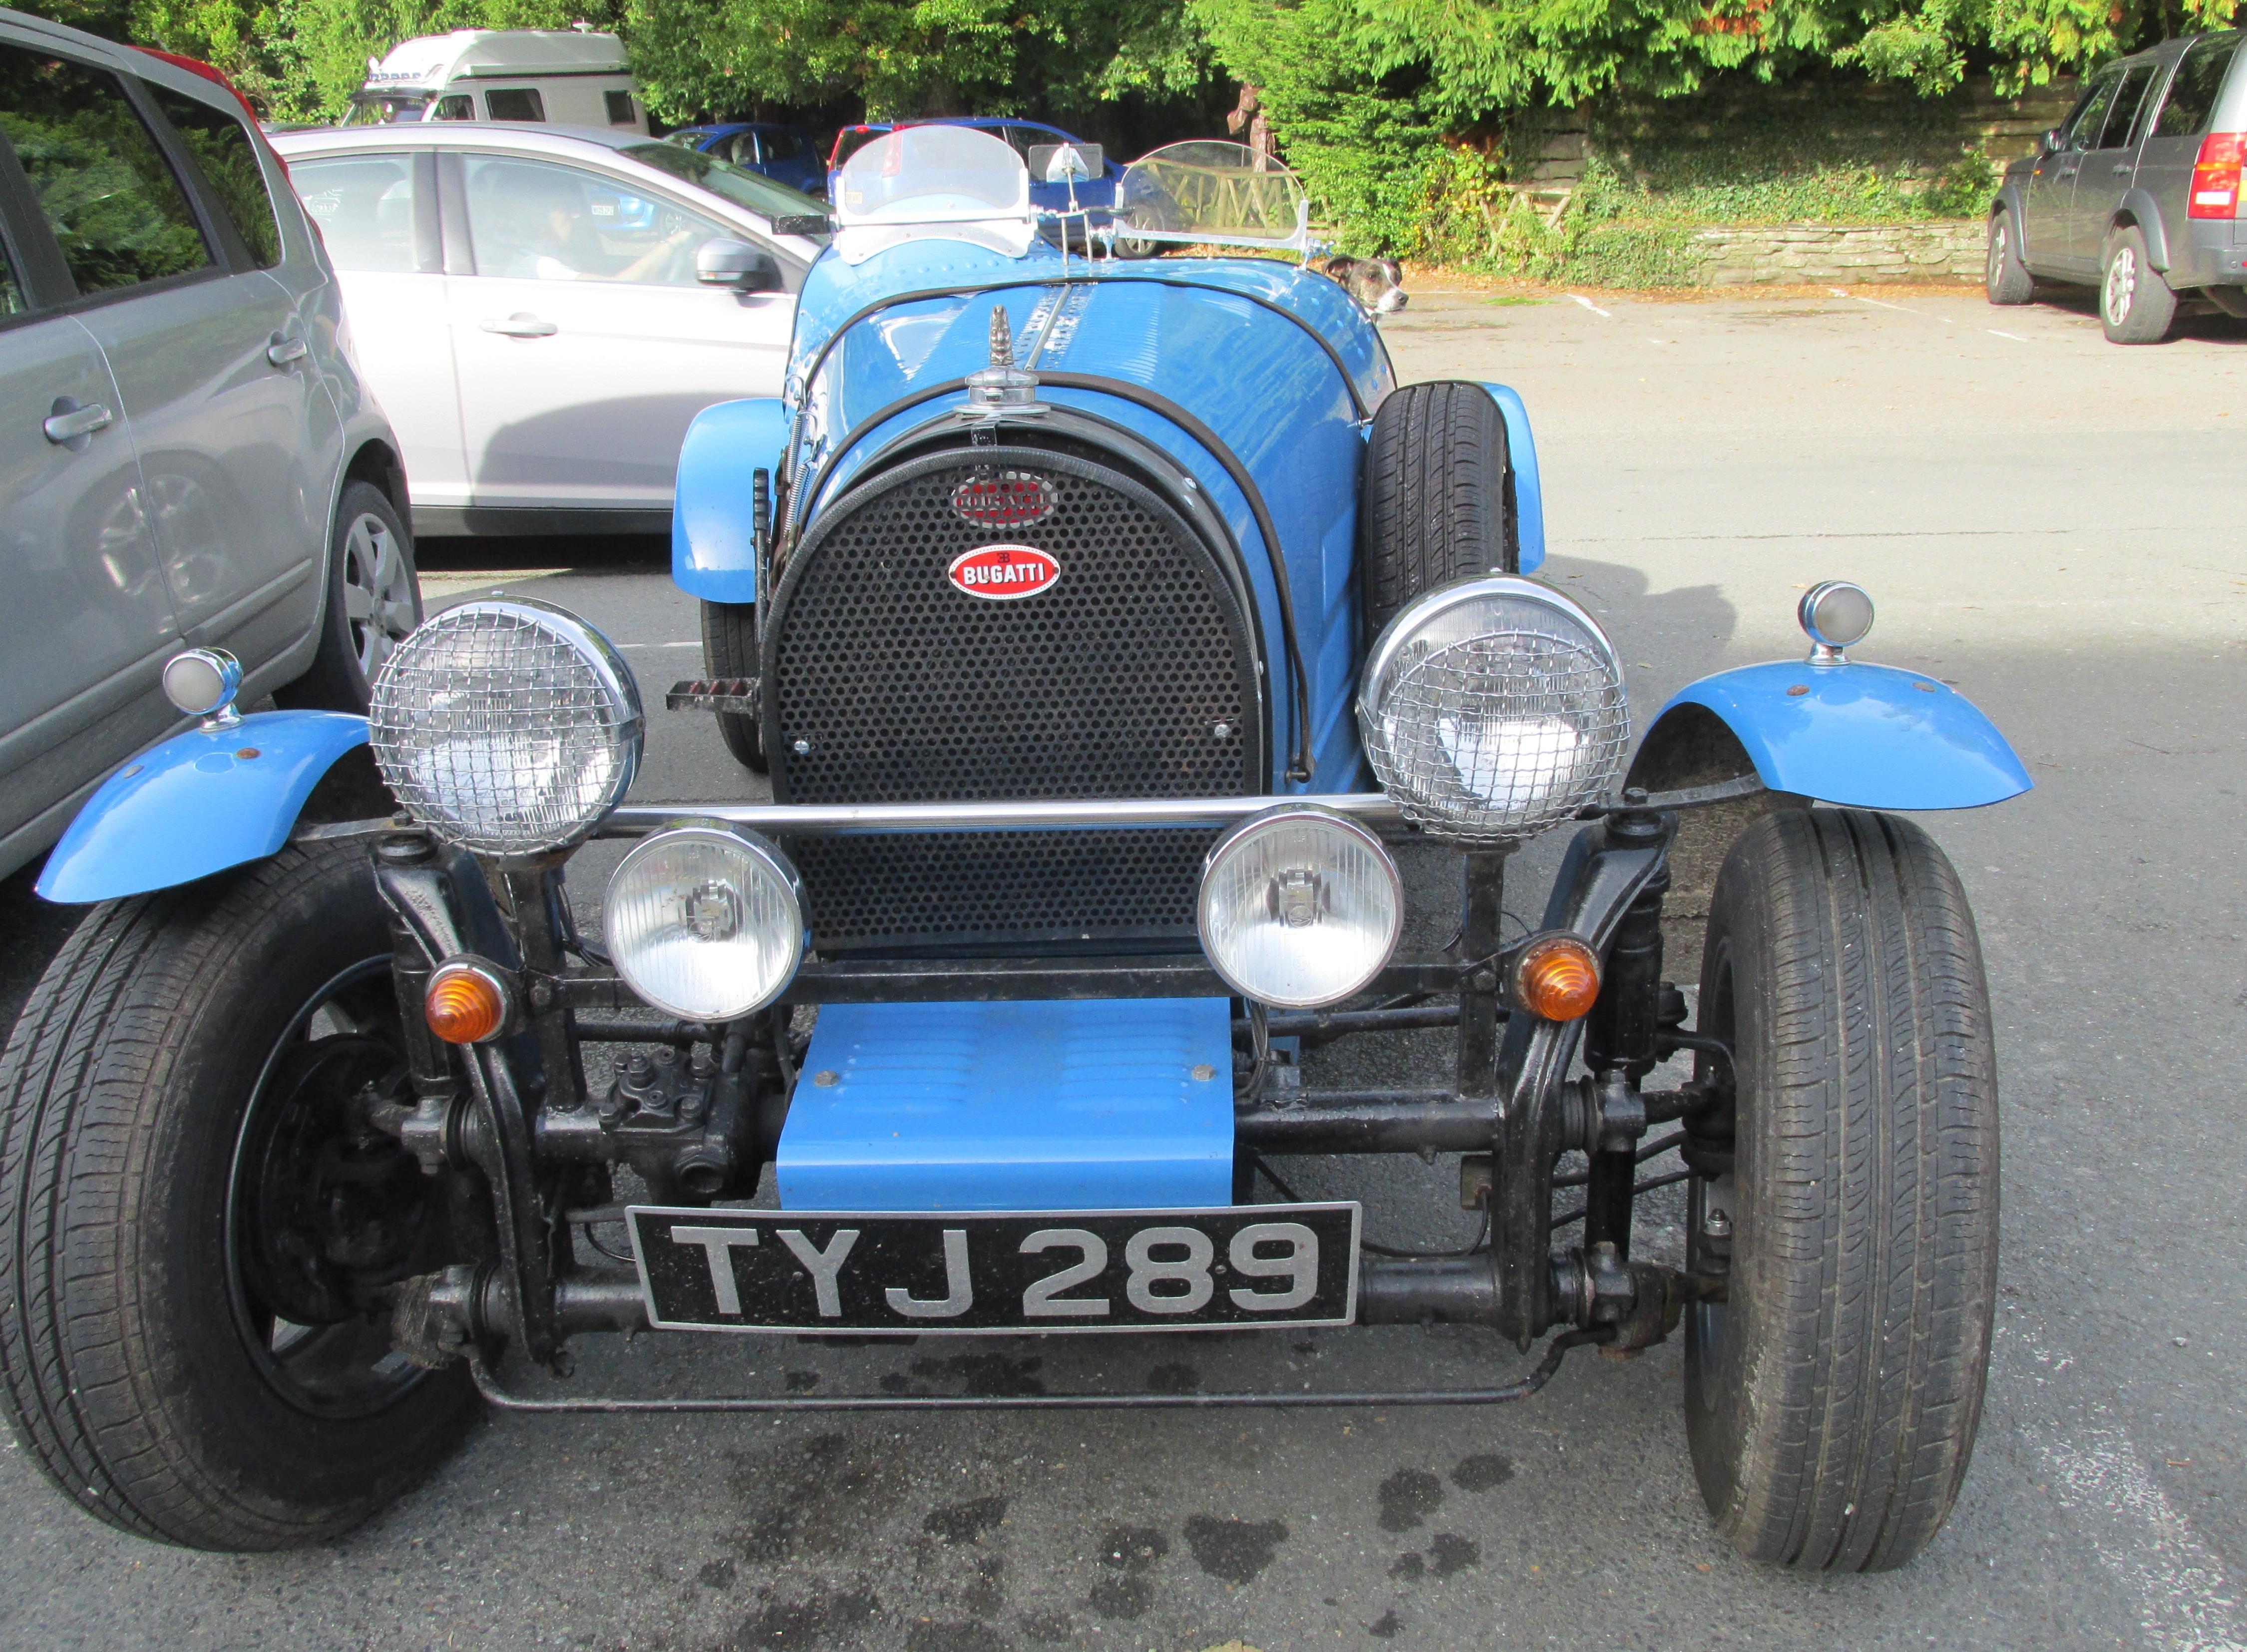 Bugatti?